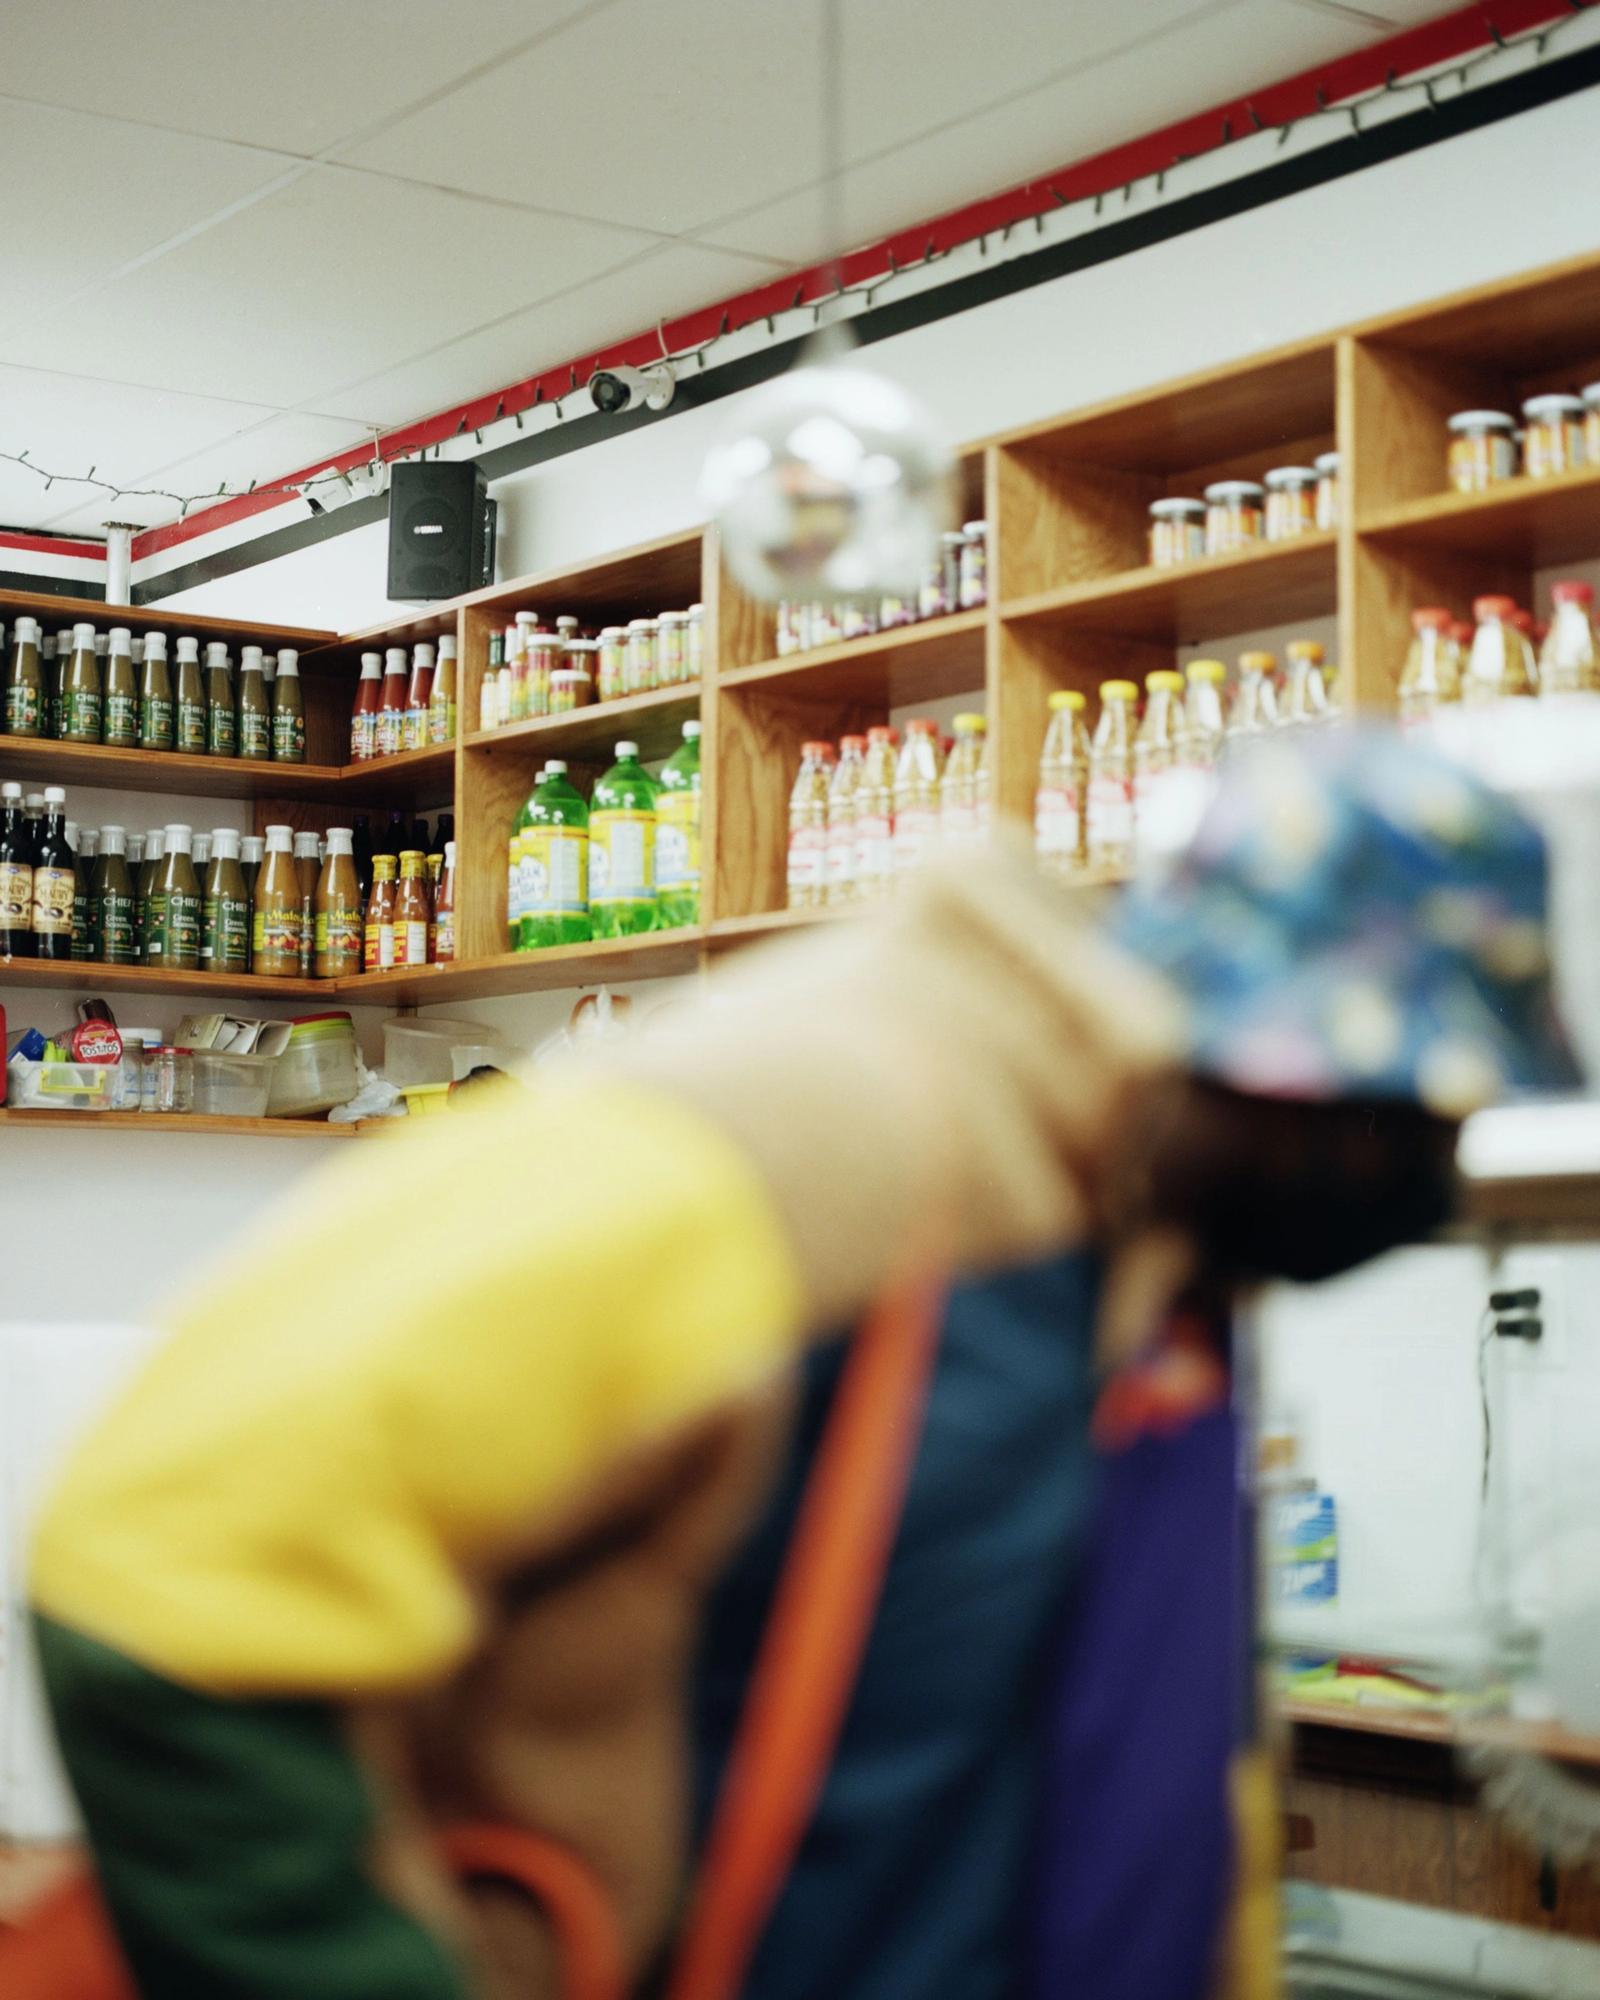 Shelves of beverage.